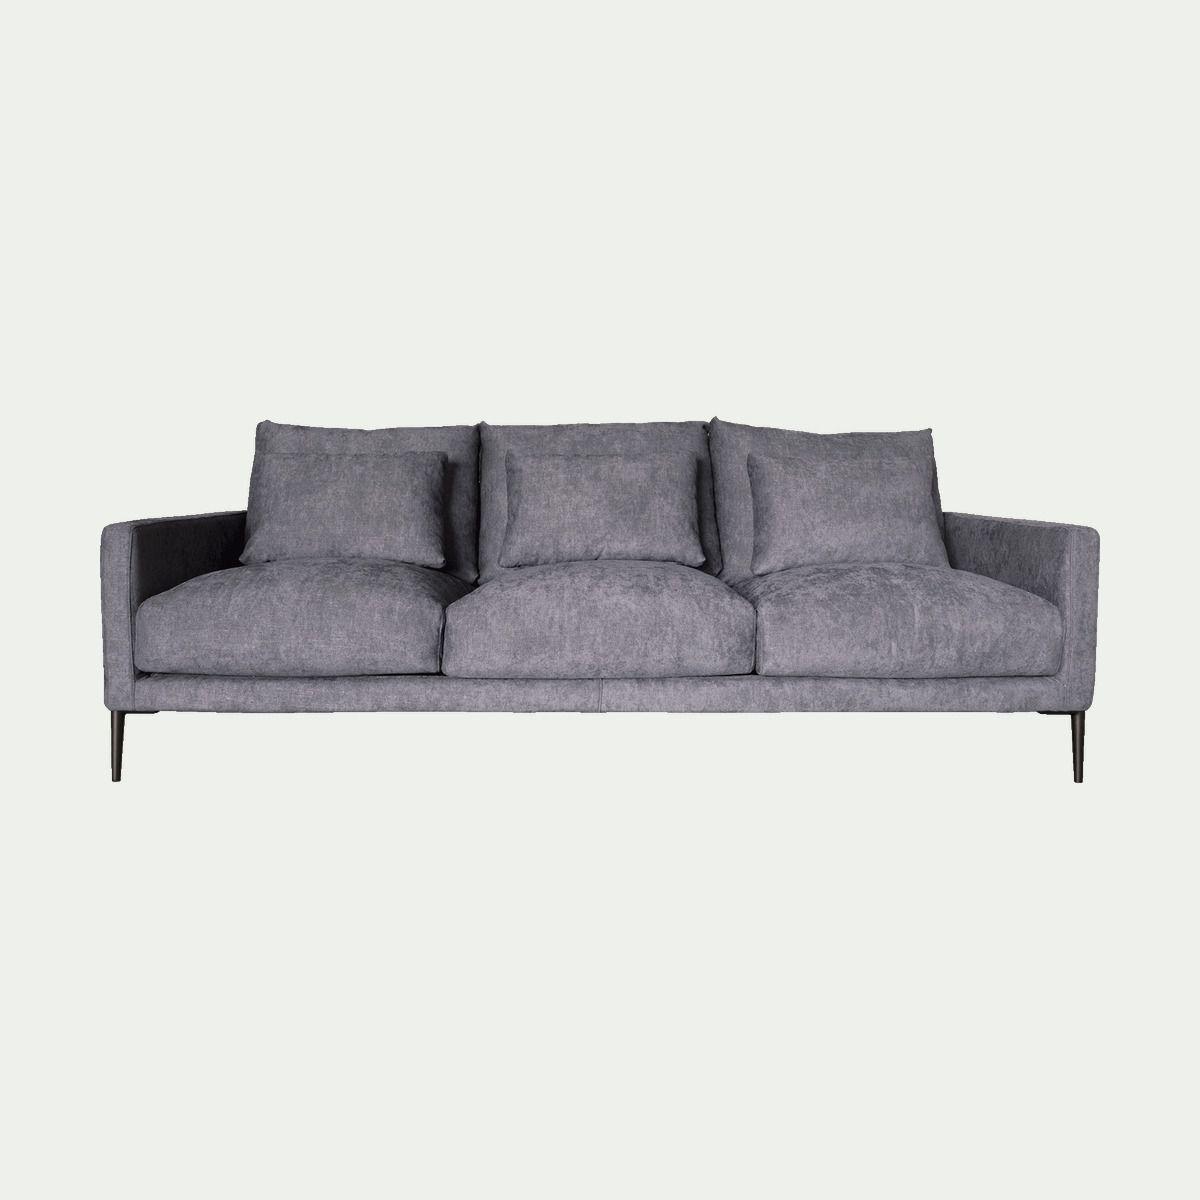 Design Distingue Cet Elegant Canape Droit En Tissu Gris Borie Est